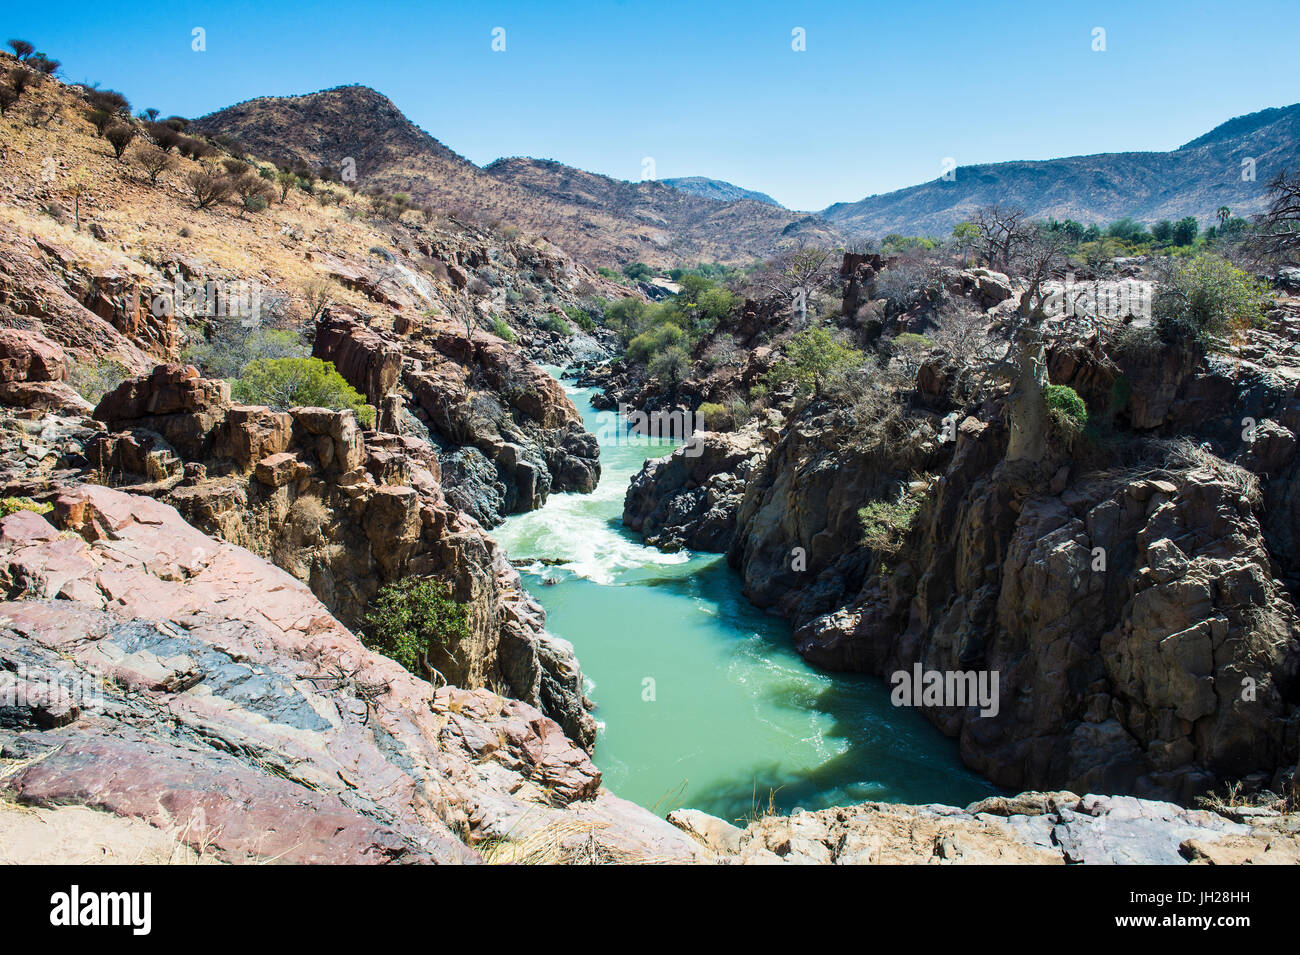 Epupa Falls en el río Kunene, en la frontera entre Angola y Namibia, Namibia, África Foto de stock